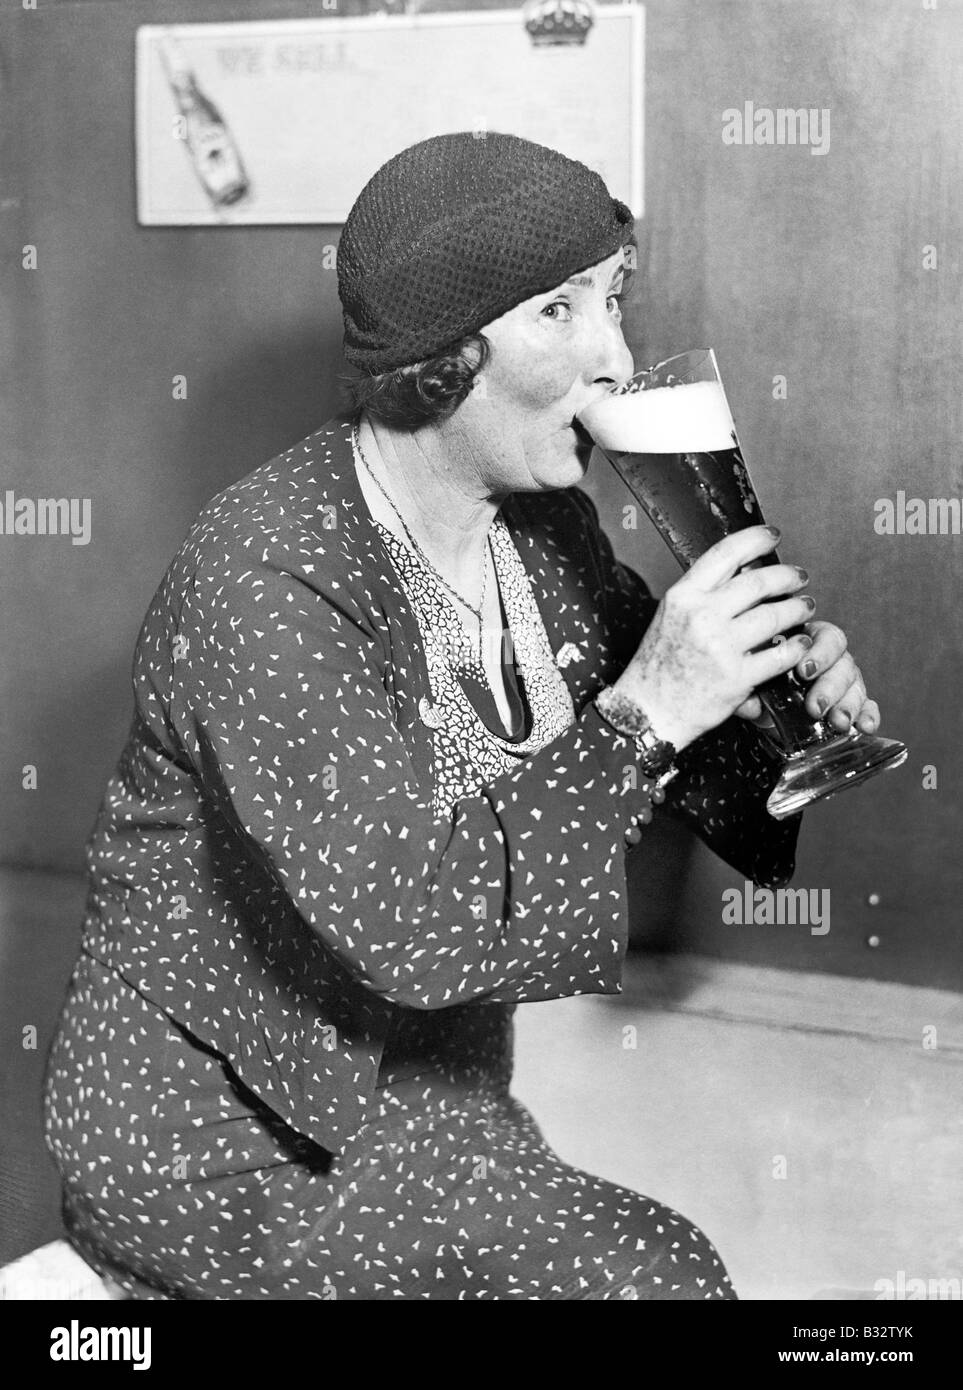 Donna di bere al di fuori di un grande bicchiere di birra Immagini Stock